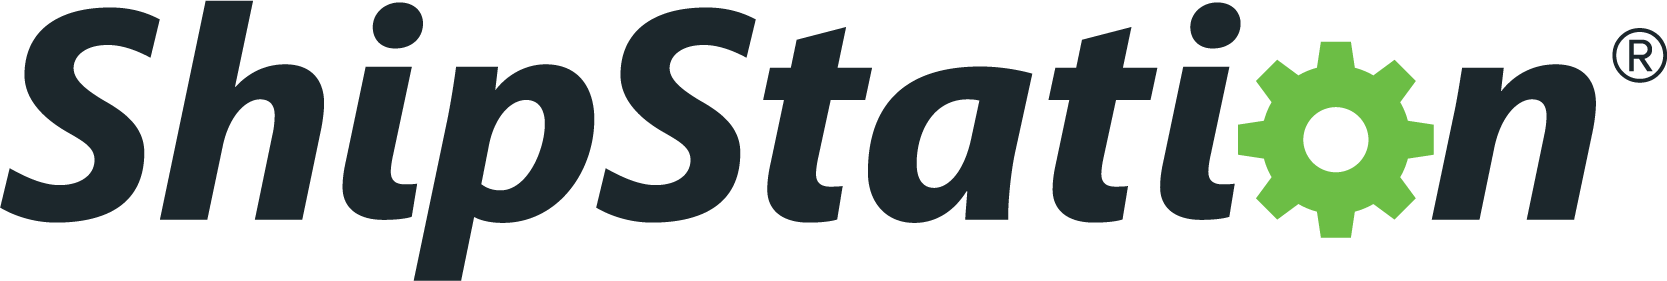 ShipStation-logo-black.png